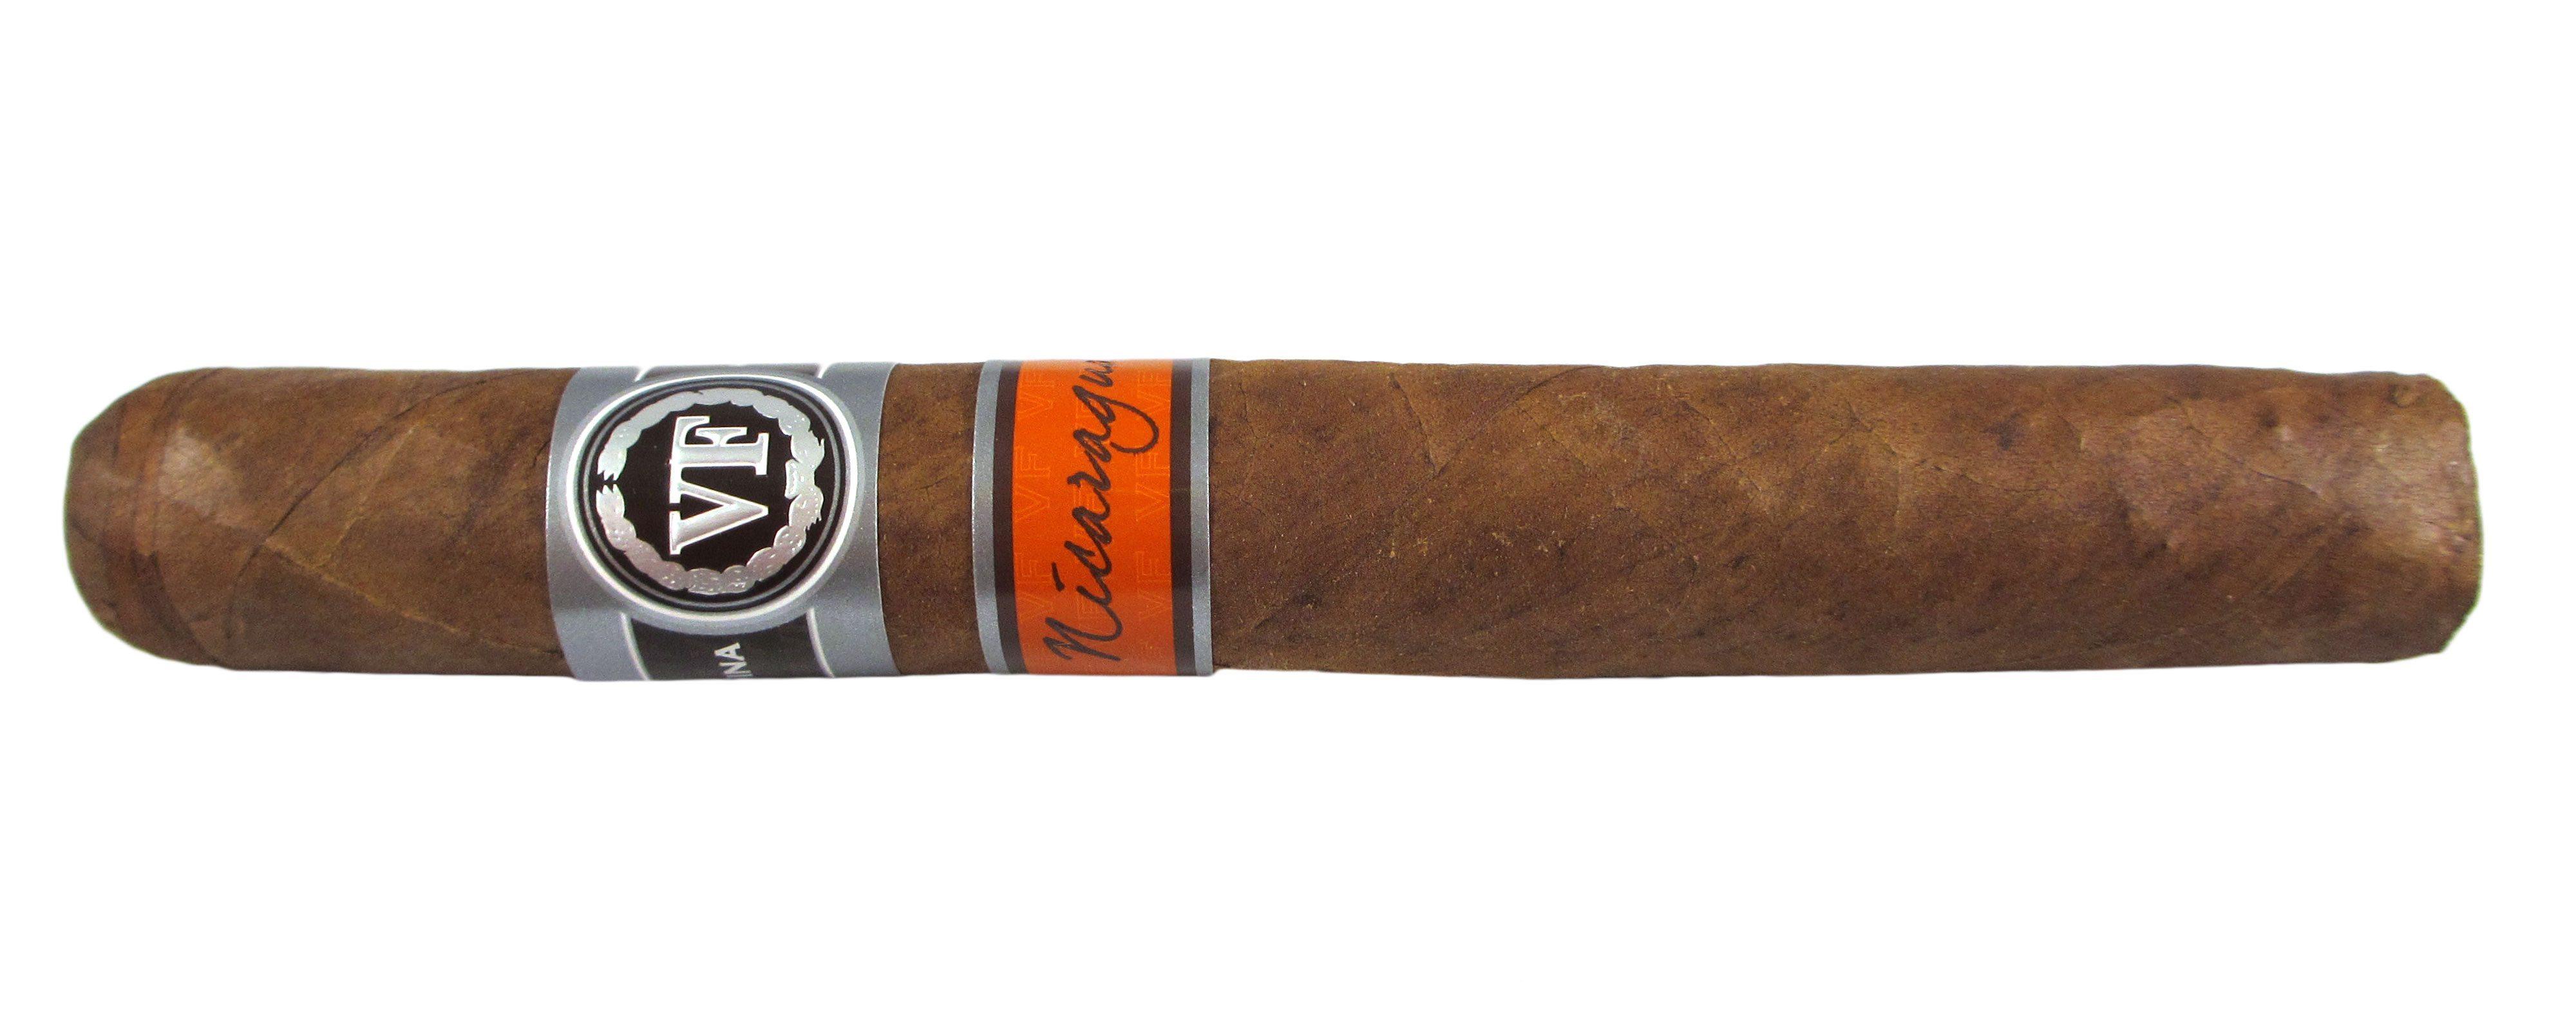 Blind Cigar Review: VegaFina | Nicaragua Gran Toro